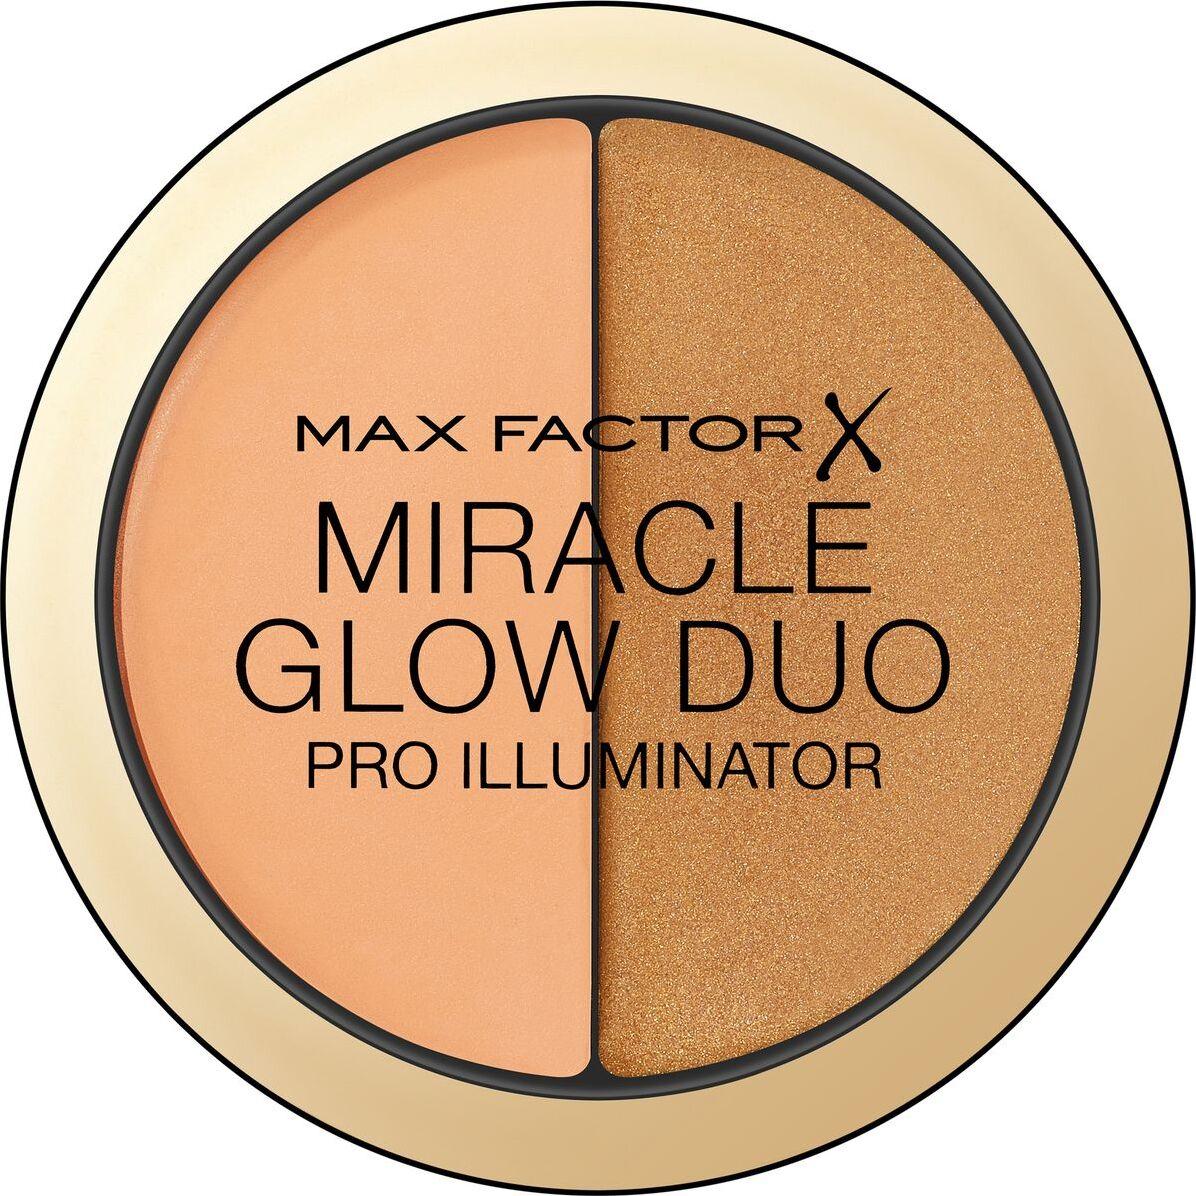 Max Factor Хайлайтер Miracle Glow Duo, тон №30 deep ellis faas пудра хайлайтер glow up s503 deep glow